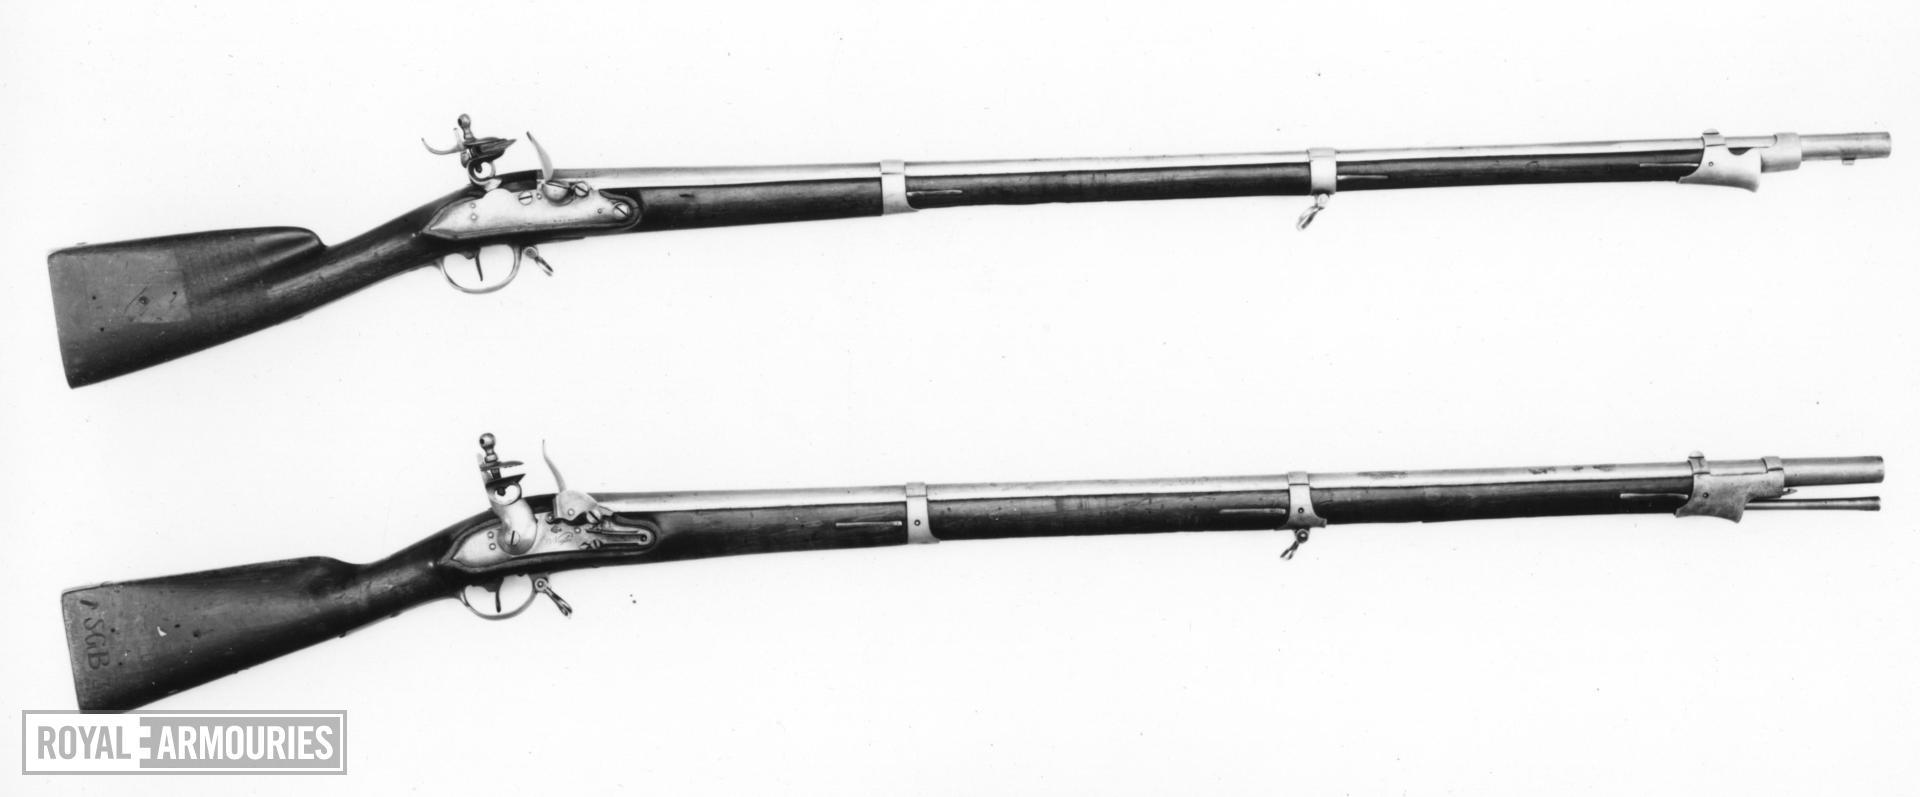 Flintlock muzzle-loading musket - Model 1809